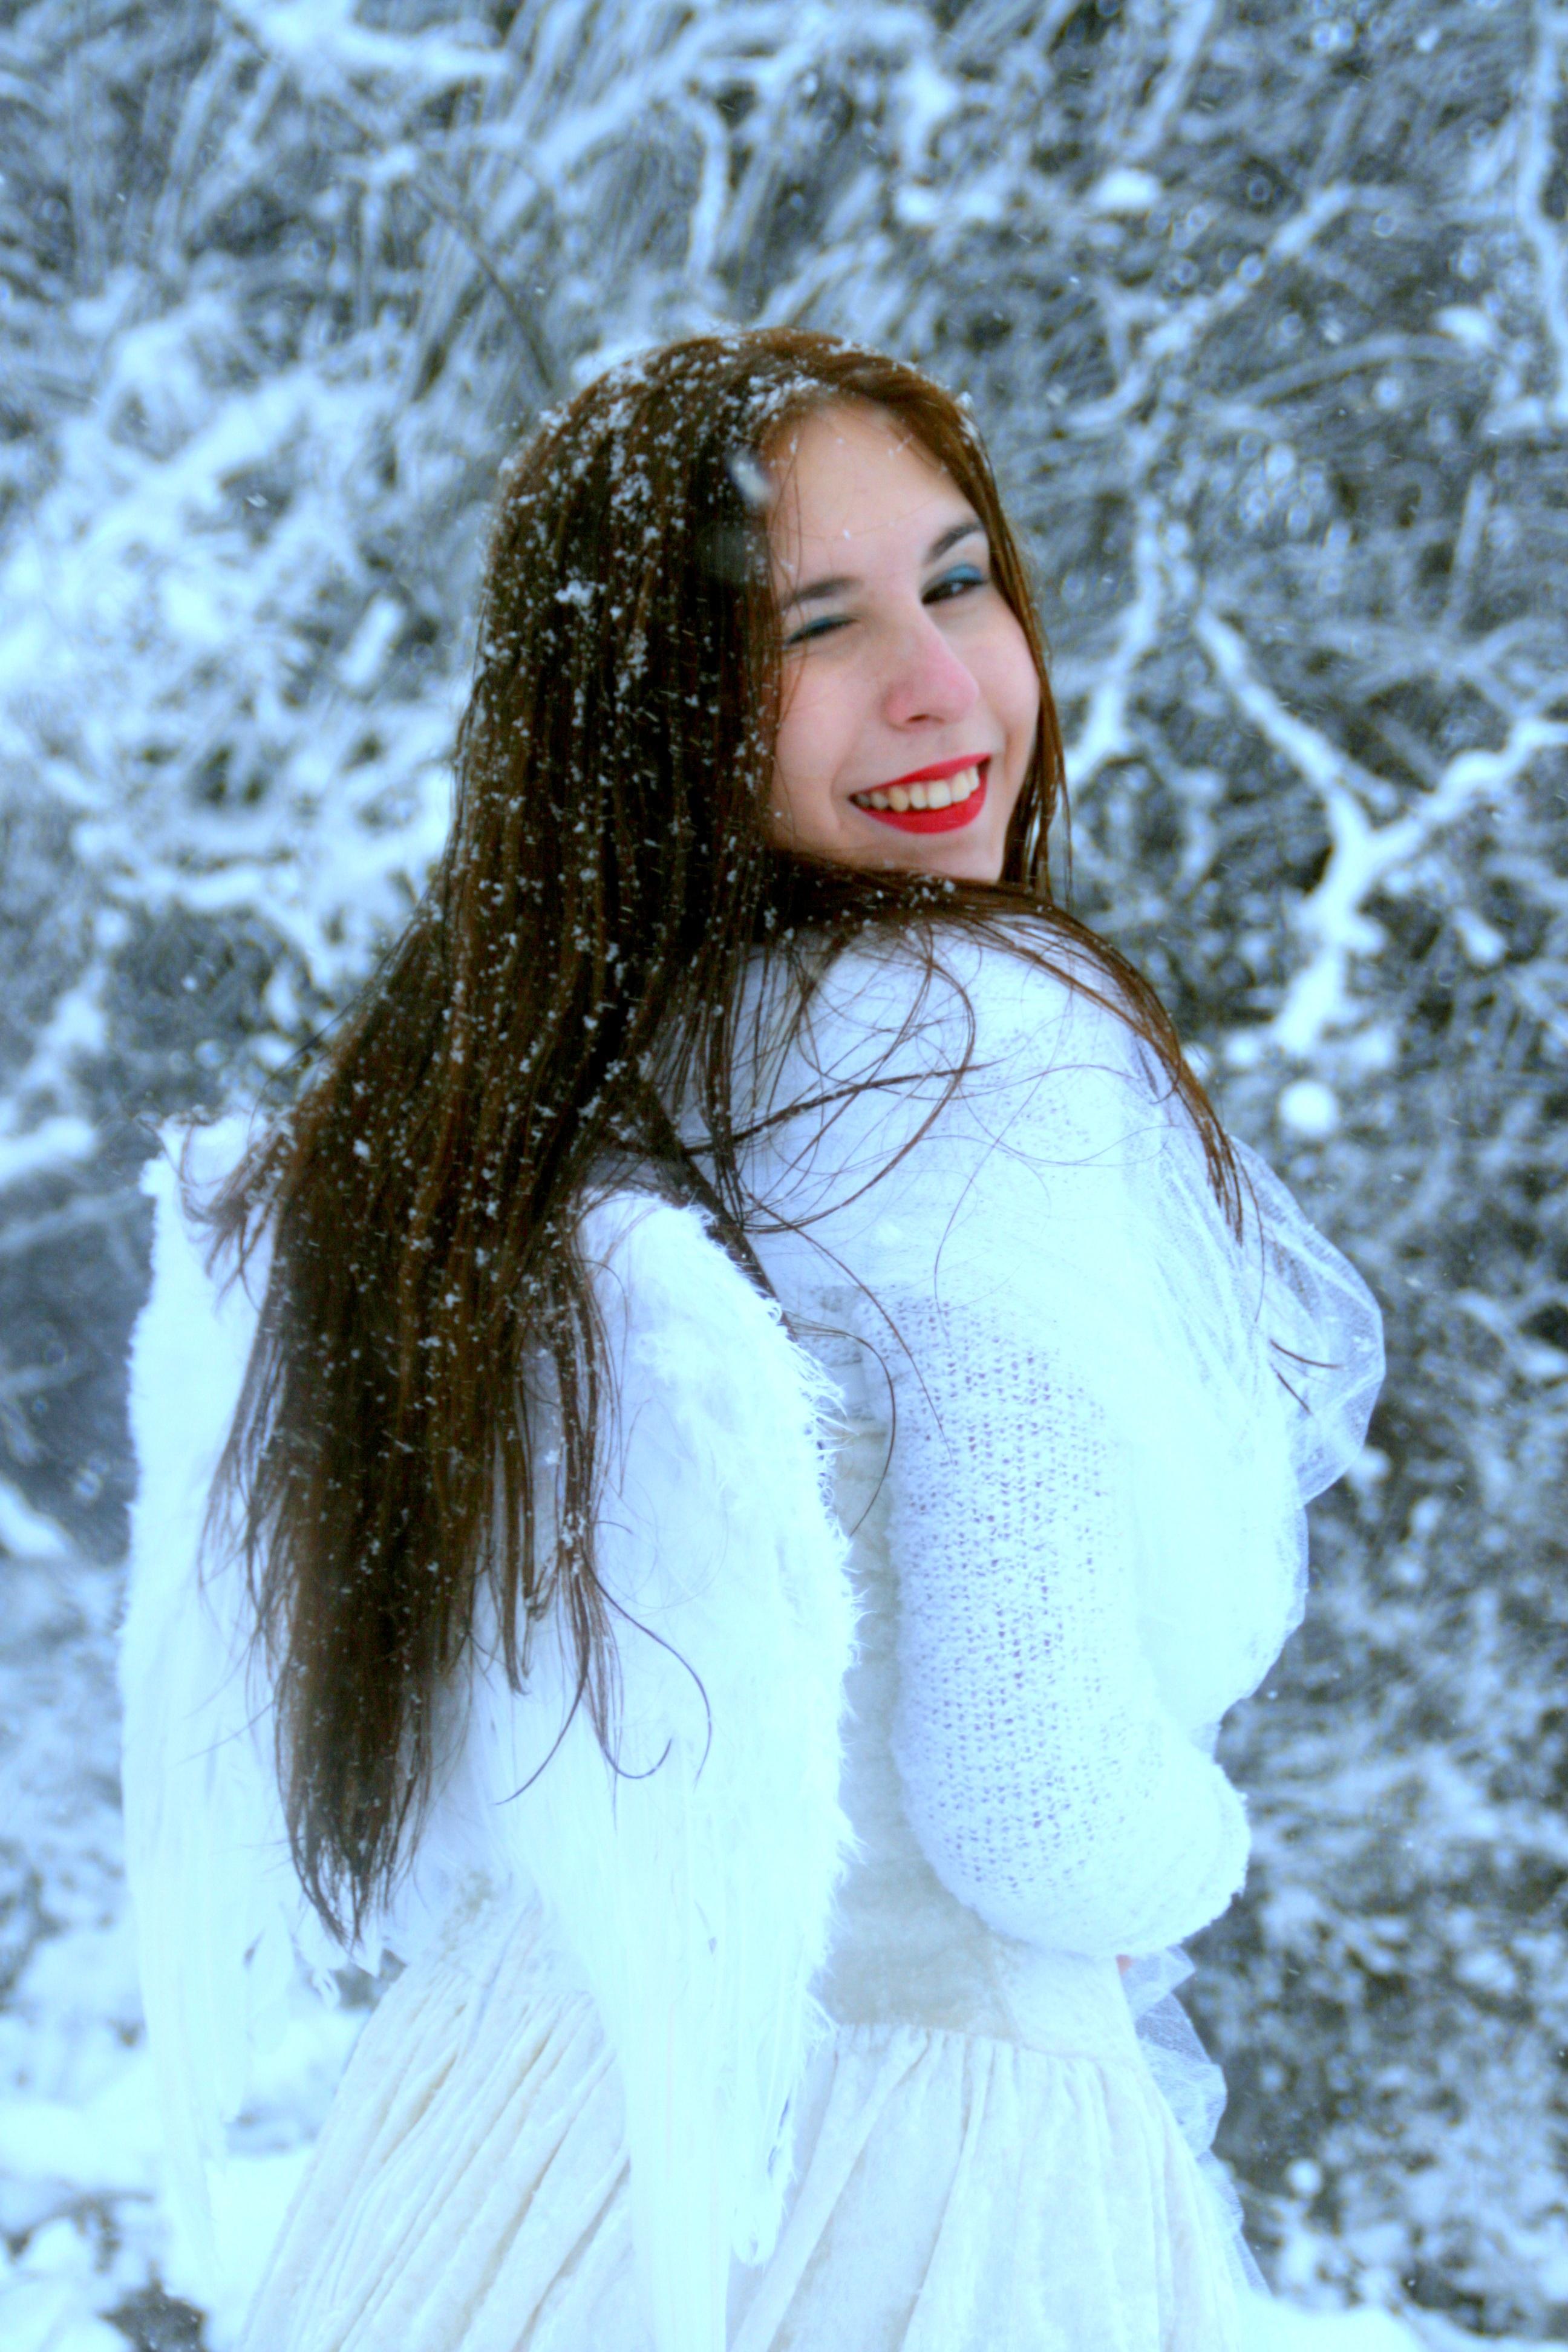 Fotos gratis : persona, nieve, invierno, niña, mujer, cabello ...